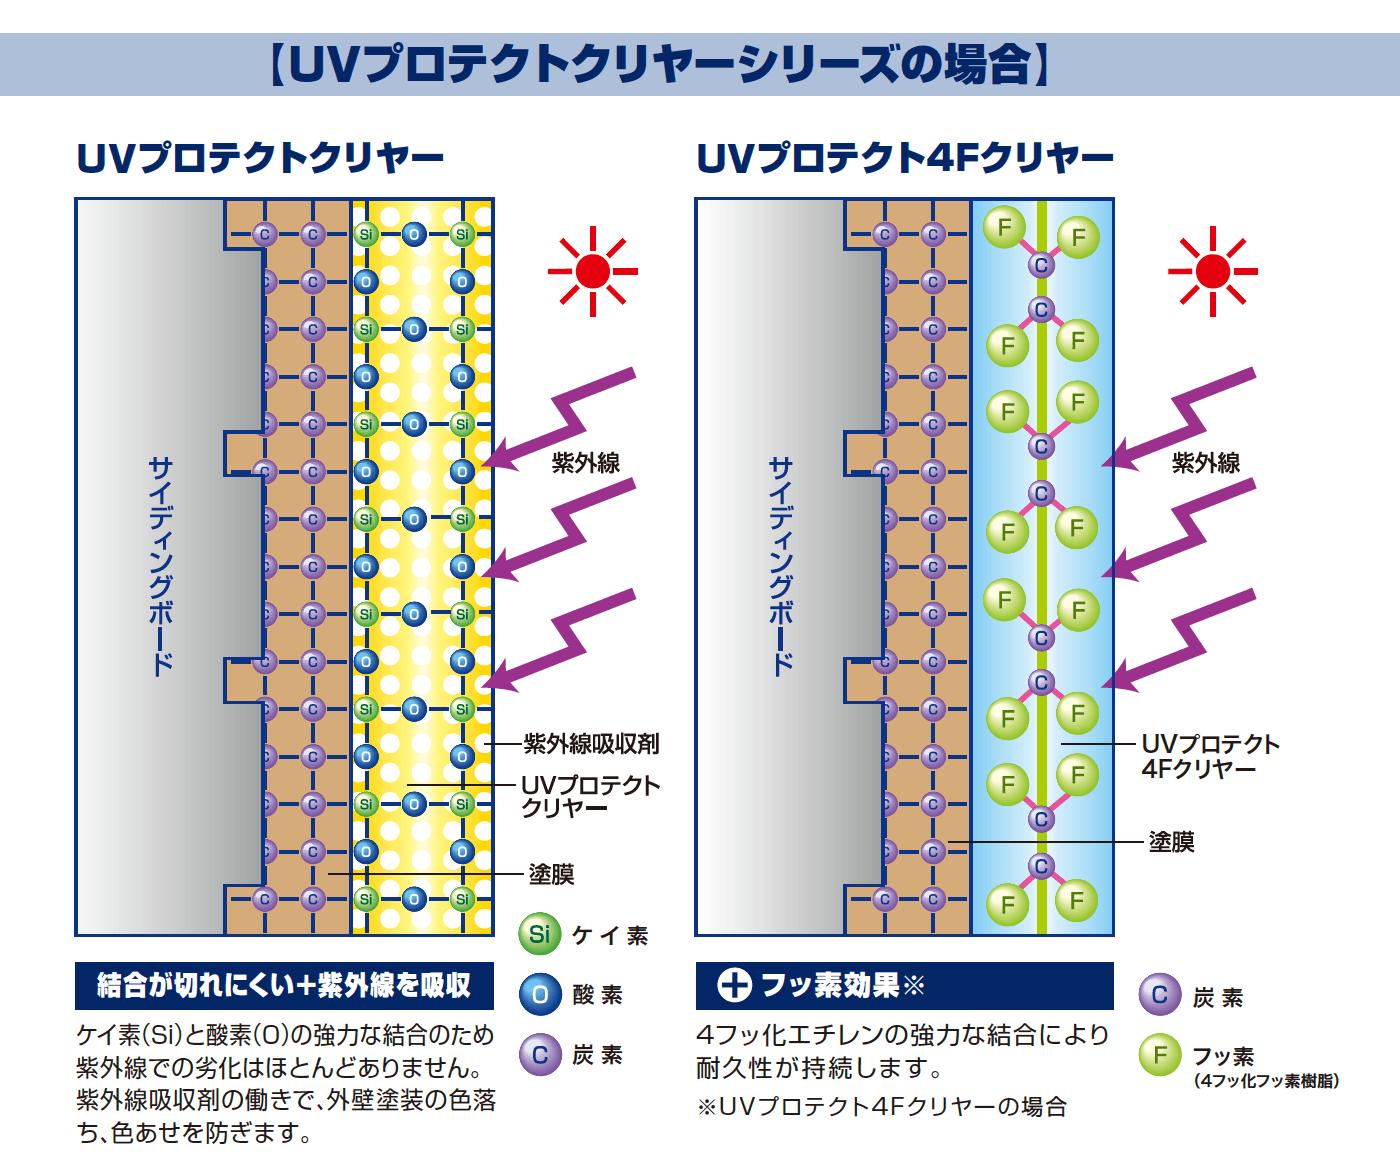 UVプロテクトクリヤーシリーズの場合